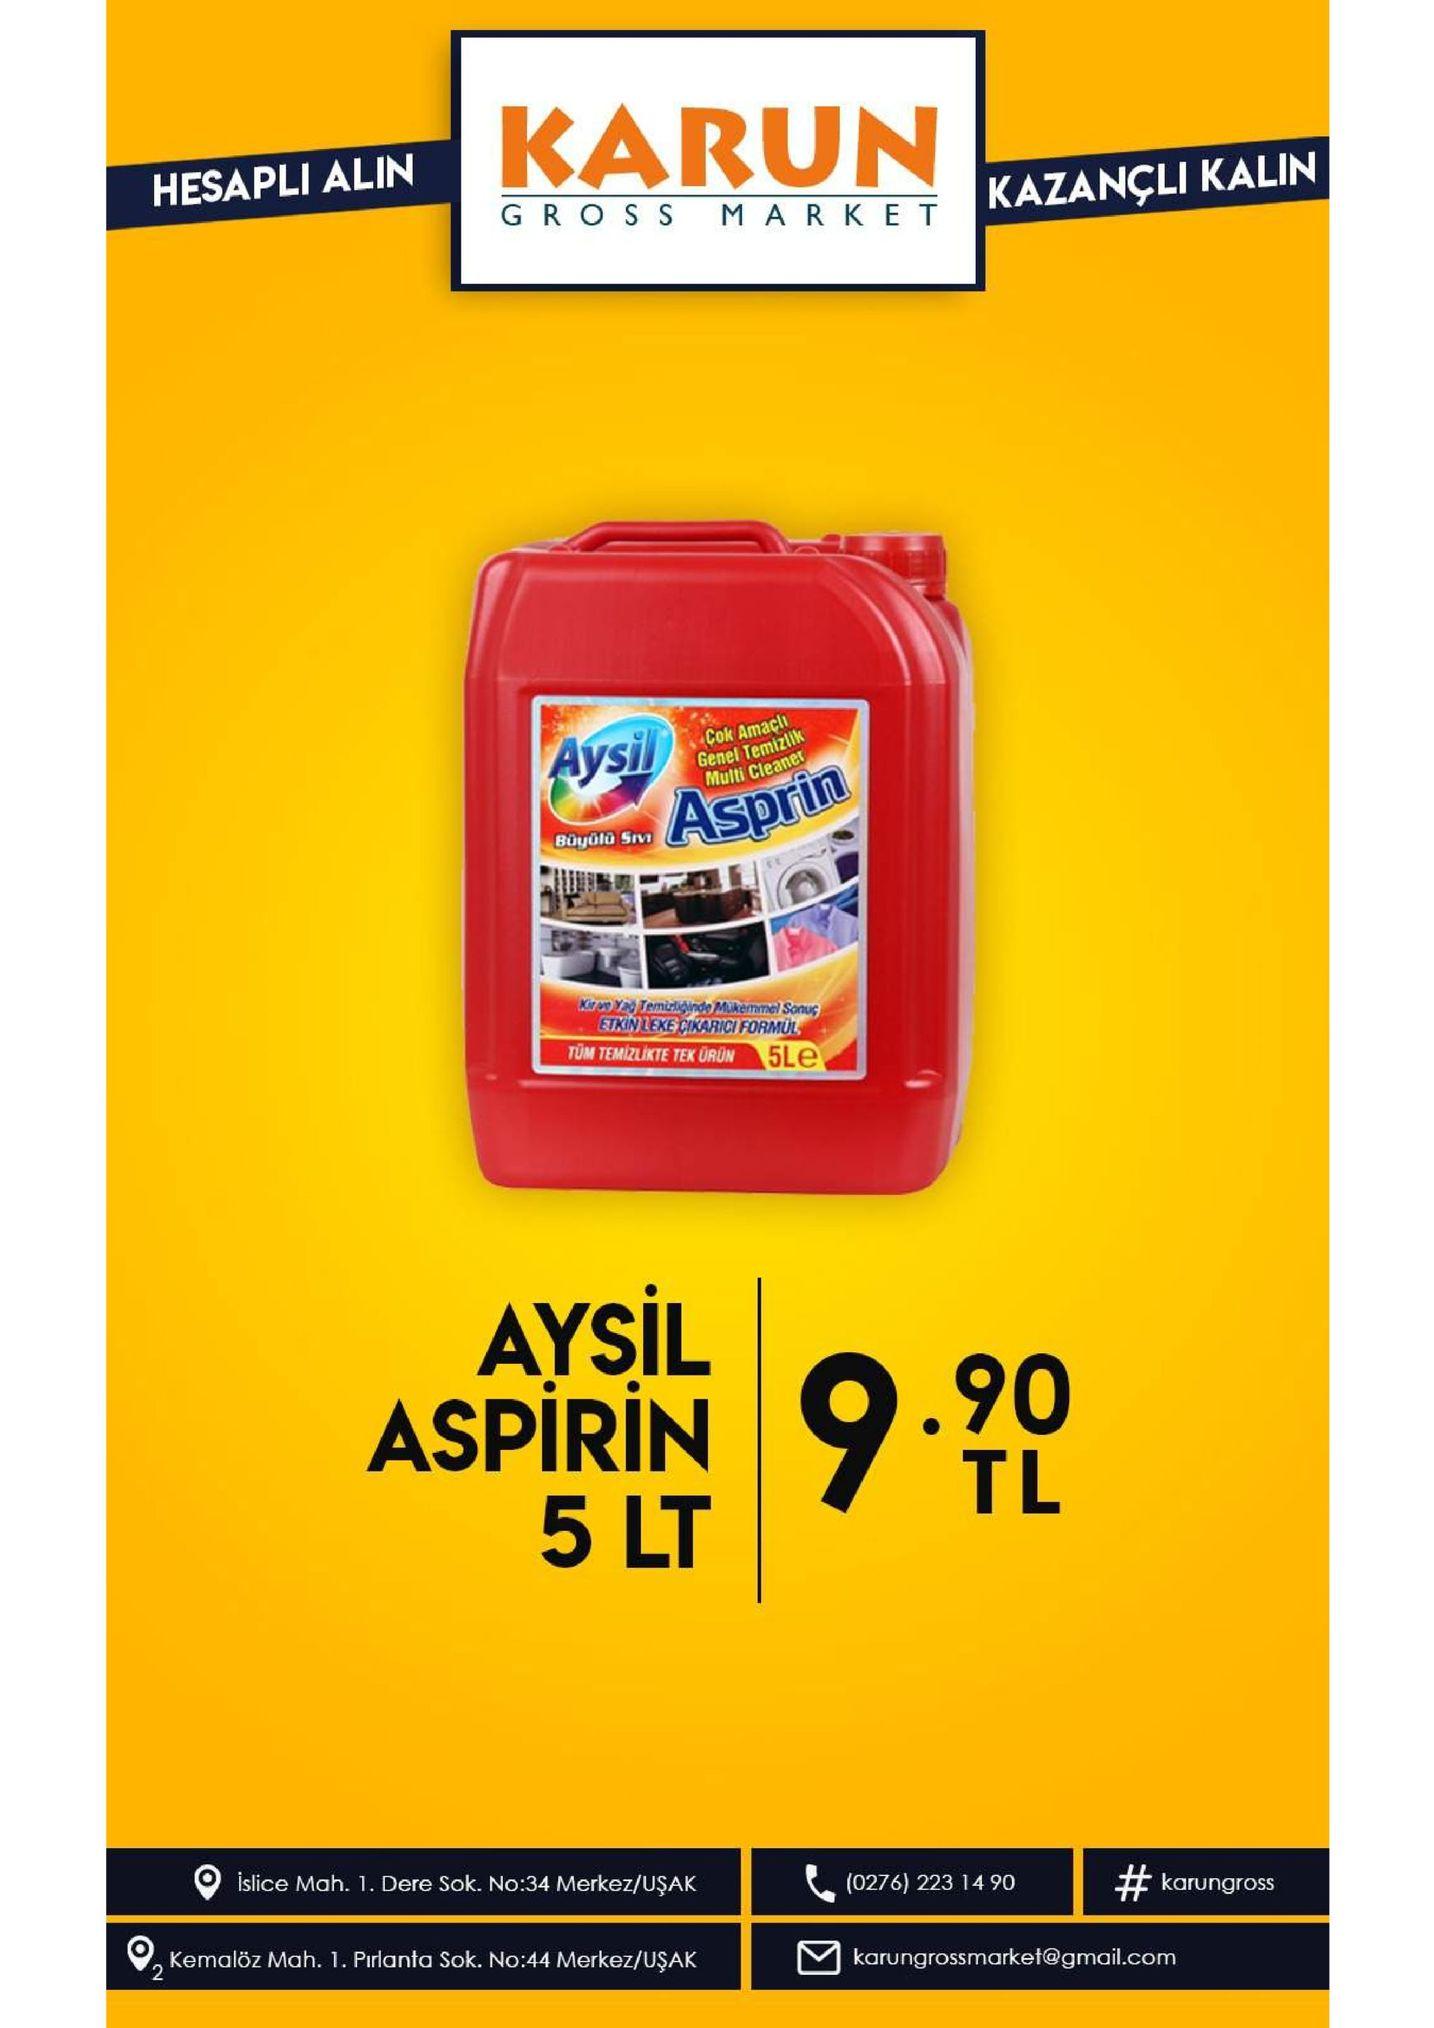 karun hesapli alin kazancli kalin gro s s mark e t cok amaci genel temizlik multi cleaner aysil asprin büyüla srv kitry temirgnde mukemmel sonuc etkinleke cikarici formul tüm temizlikte tek ürun 5le aysil aspirin9. 5 lt .90 tl islice mah. 1. dere sok. no:34 merkez/uşak (0276) 223 14 90 # karungross kemalöz mah. 1. pirlanta sok. no:44 merkez/uşak 2 karungrossmarket@gmail.com